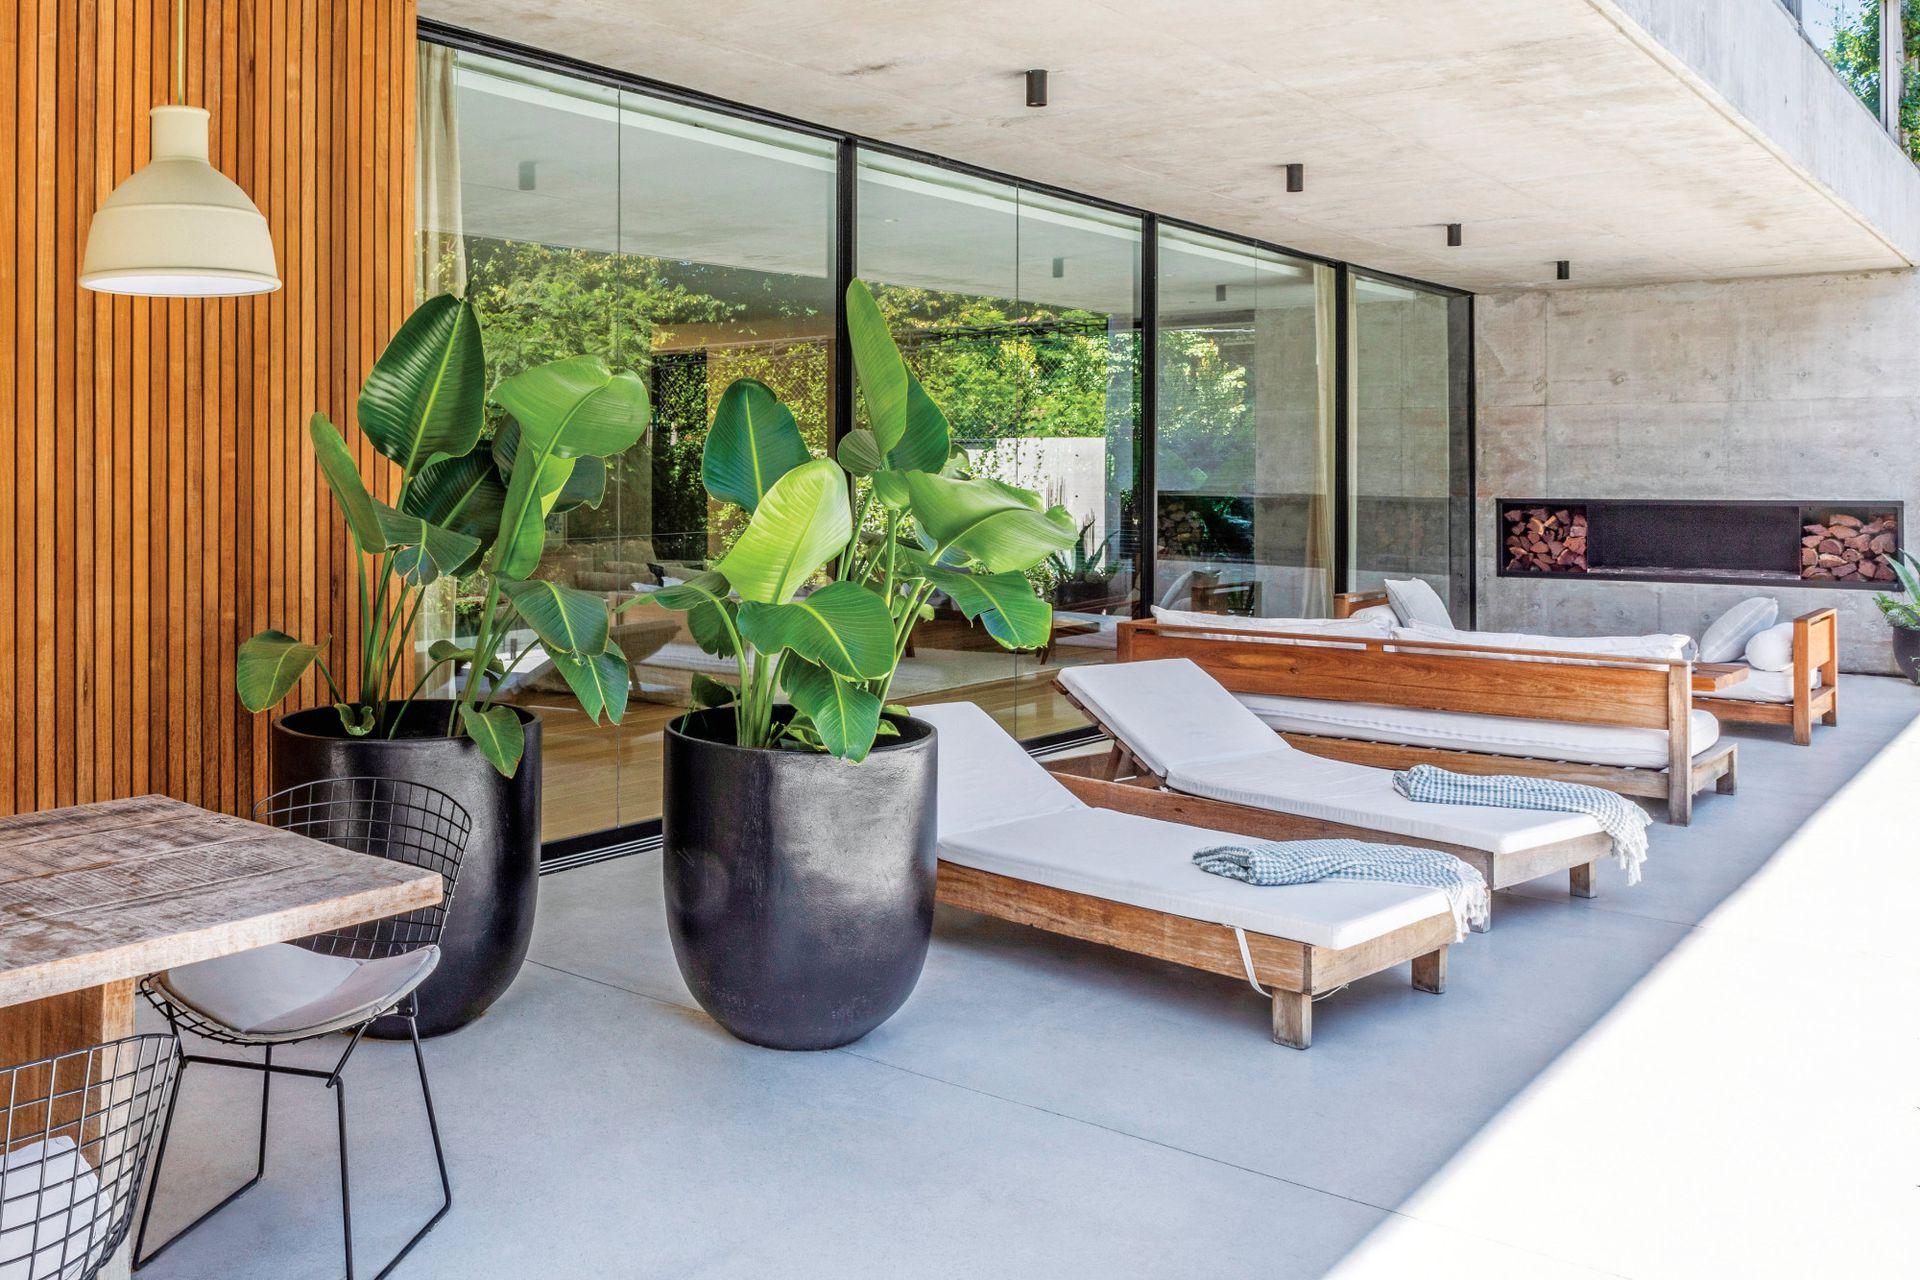 Juego de living de exterior hecho a medida, reposeras en lapacho (todo de Estudio LDMB) y macetas de fibra de vidrio (Herbario).